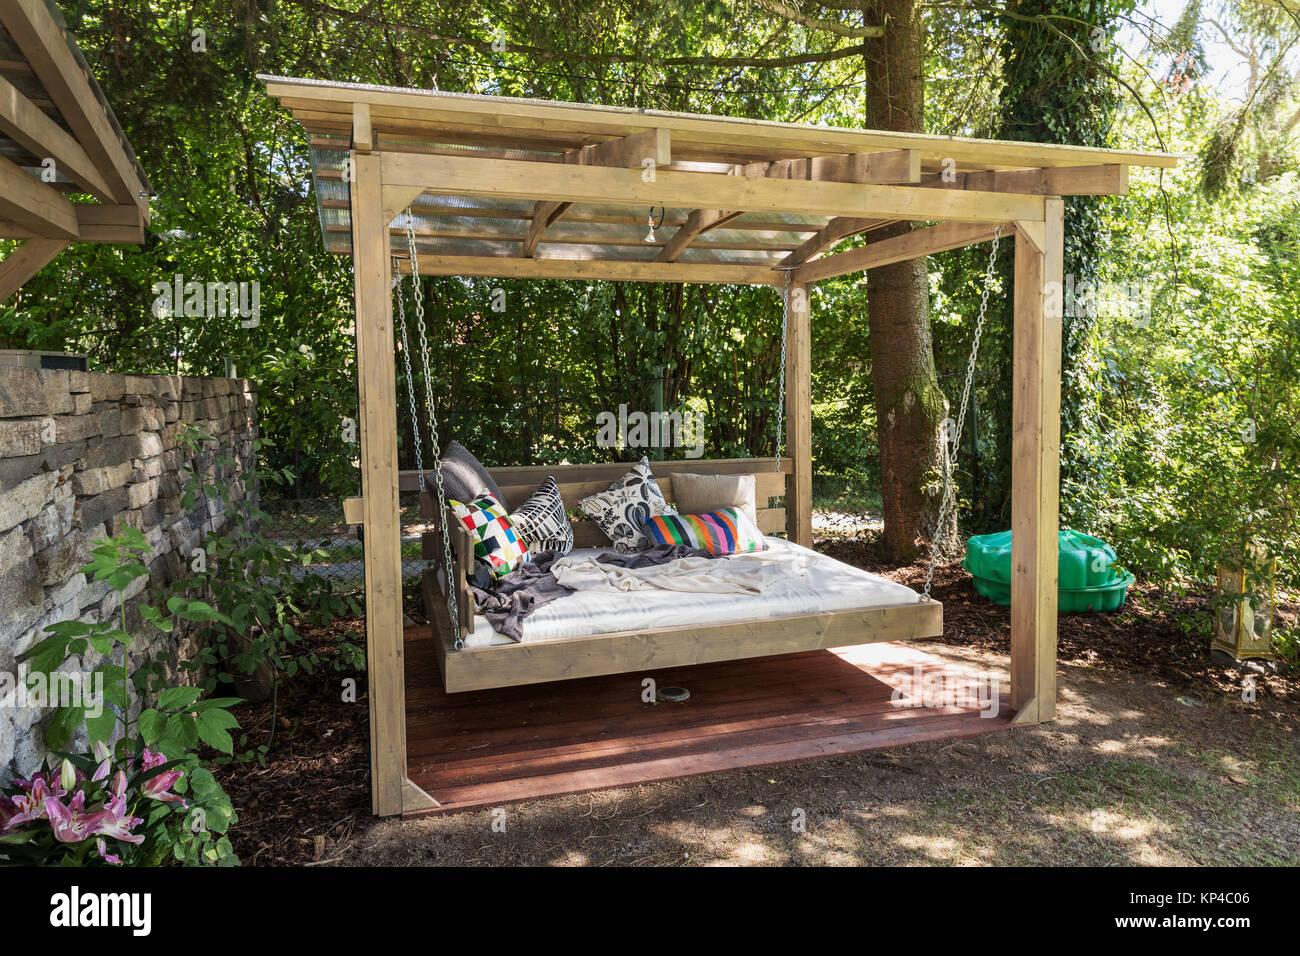 Swing big letto all 39 aperto chaise longue in giardino for Letto giardino